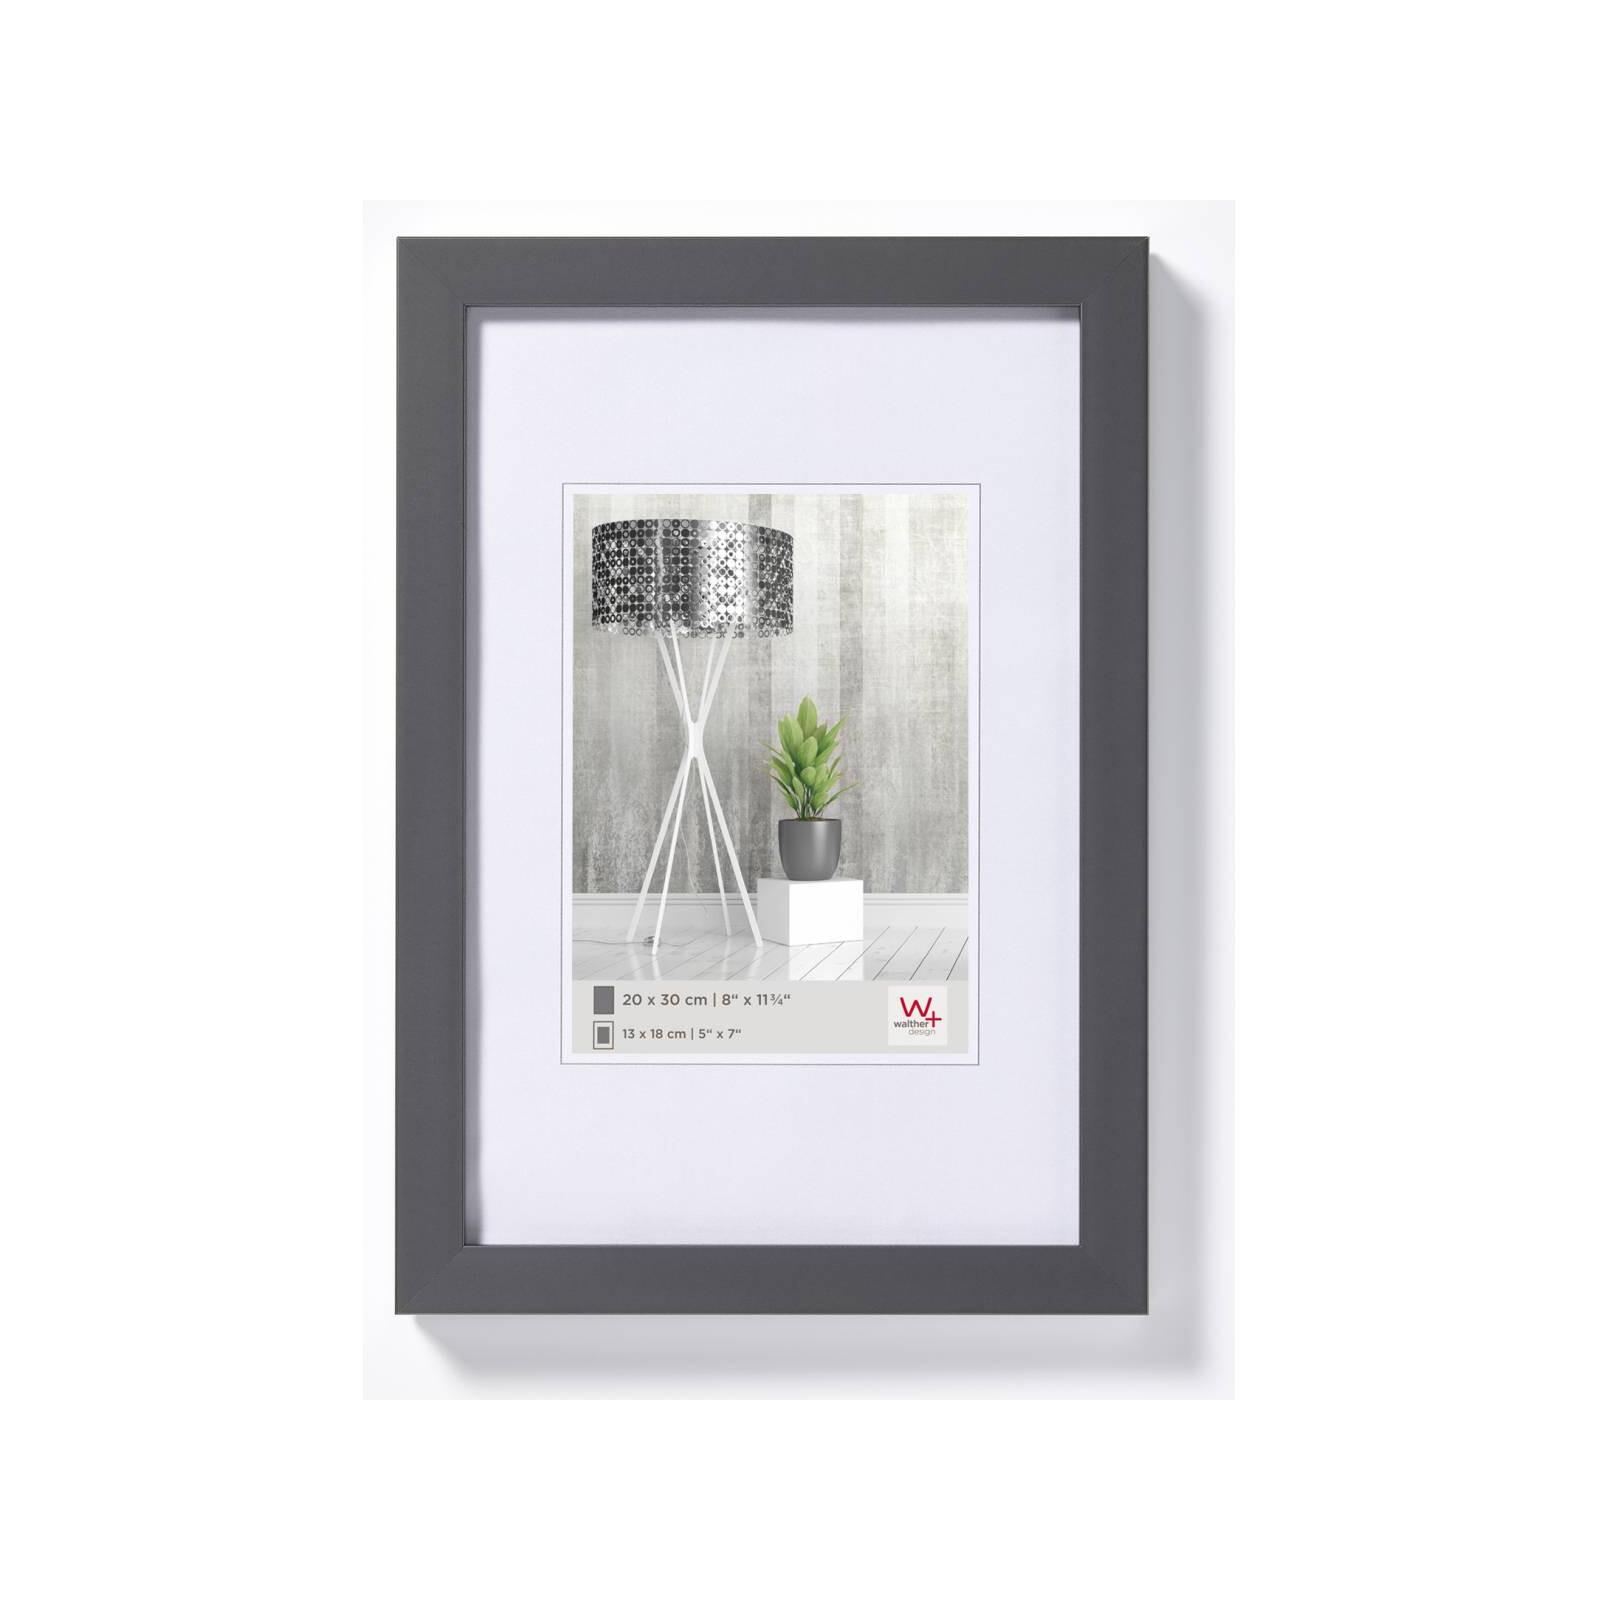 Bilderrahmen Ambience 13x18cm Holz anthrazit/weiß